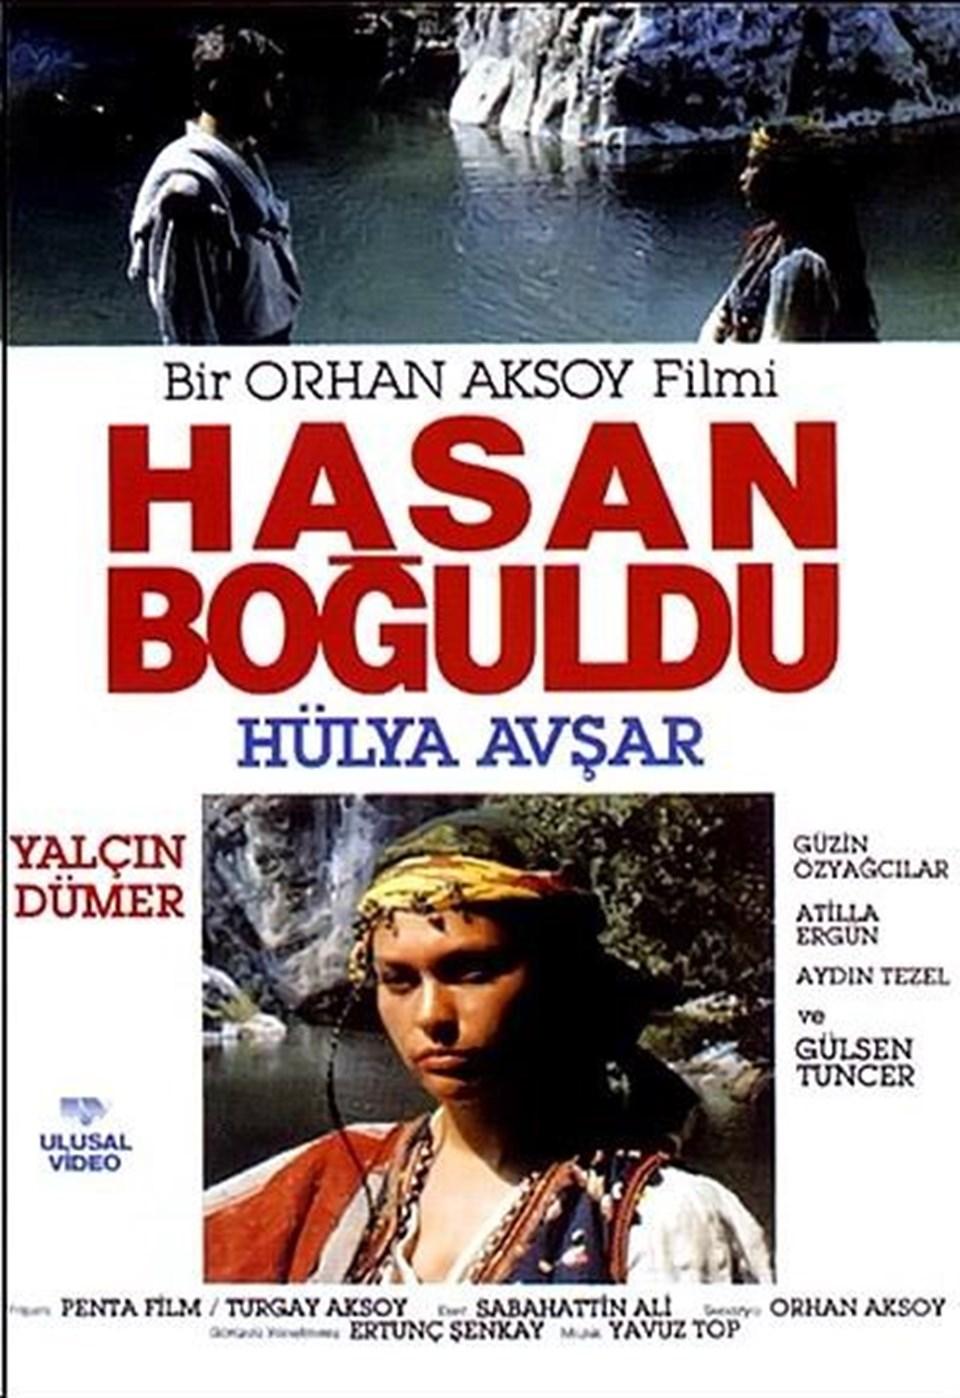 """1990 yapımı, Orhan Aksoy imzalı """"Hasan Boğuldu""""da Hülya Avşar ve Yalçın Dümer başrolü paylaştı."""